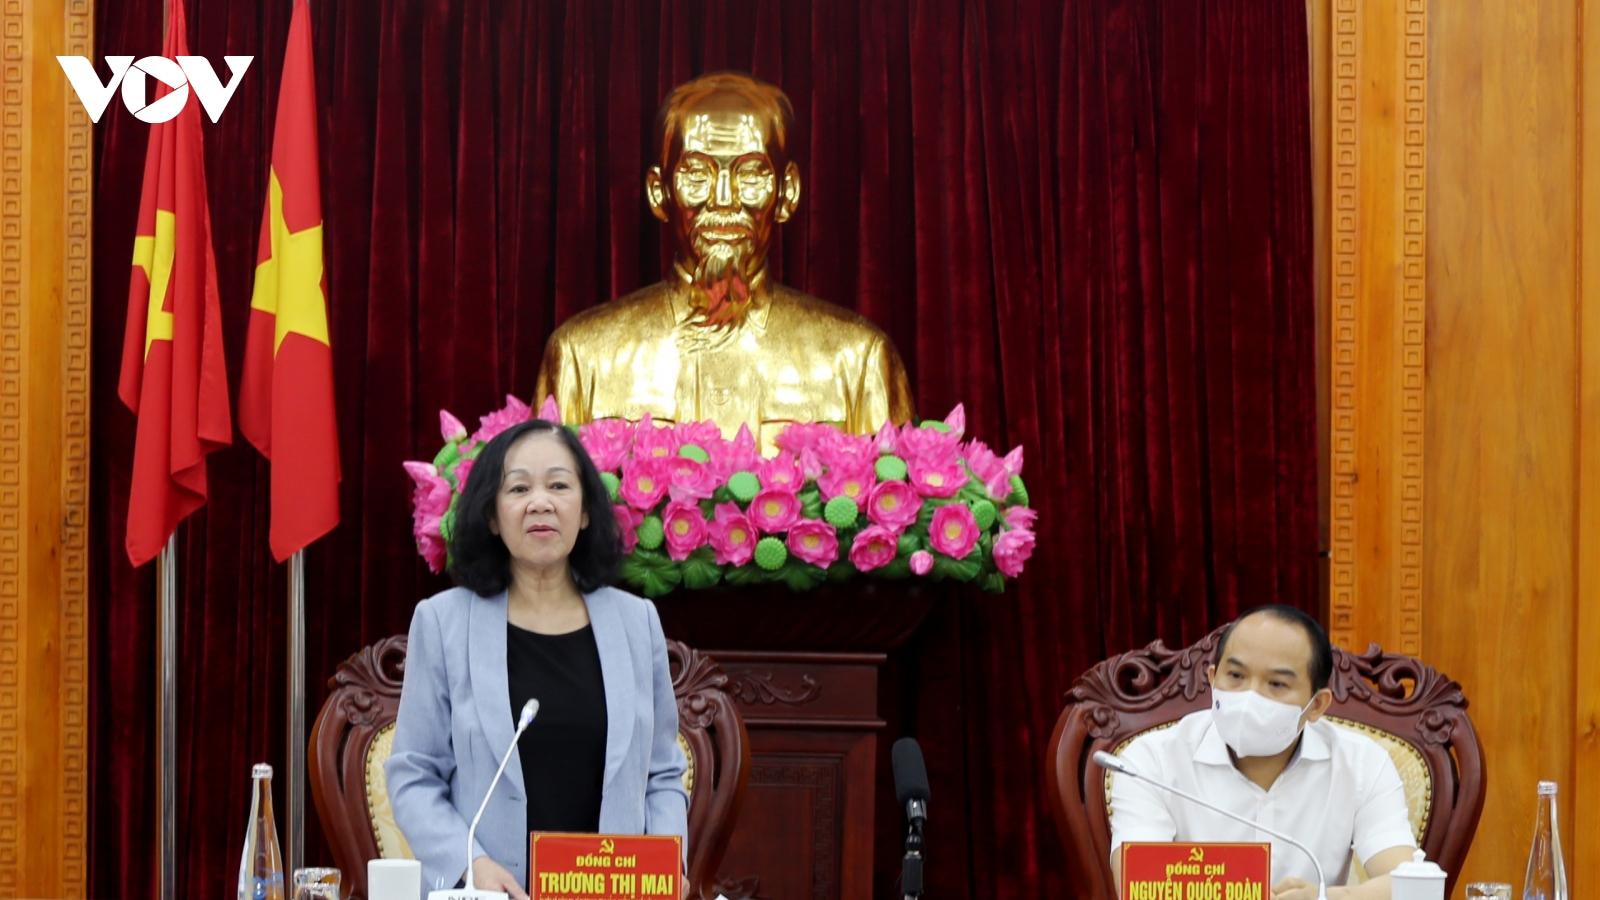 Trưởng Ban Tổ chức Trung ương làm việc với Ban Thường vụ Tỉnh ủy Lạng Sơn